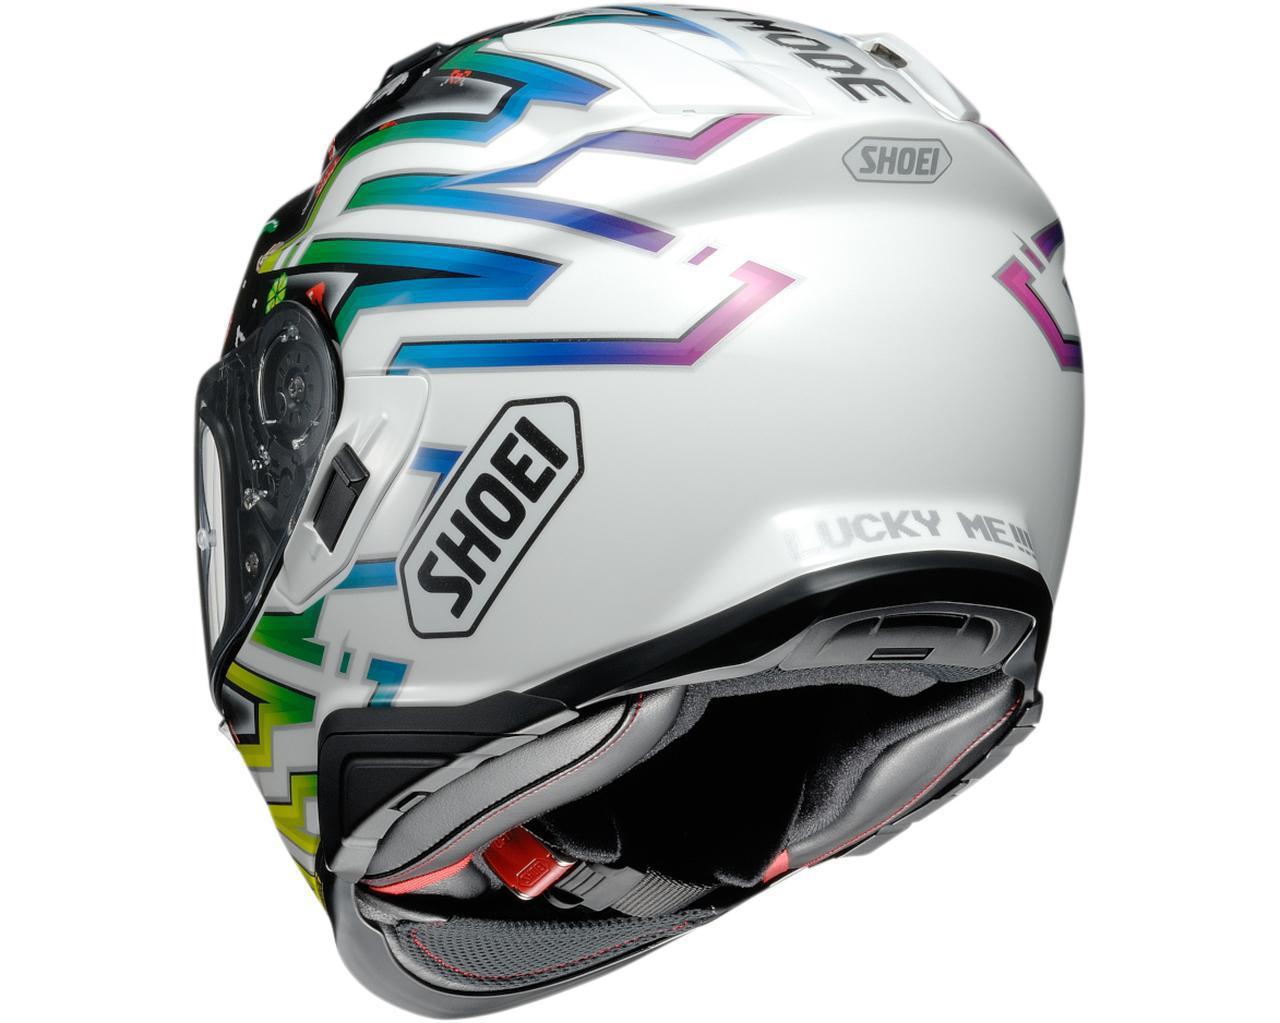 画像2: SHOEIが受注限定モデルのヘルメット「GT-AirII LUCKY CHARMS」を発表! 2021年3月発売予定